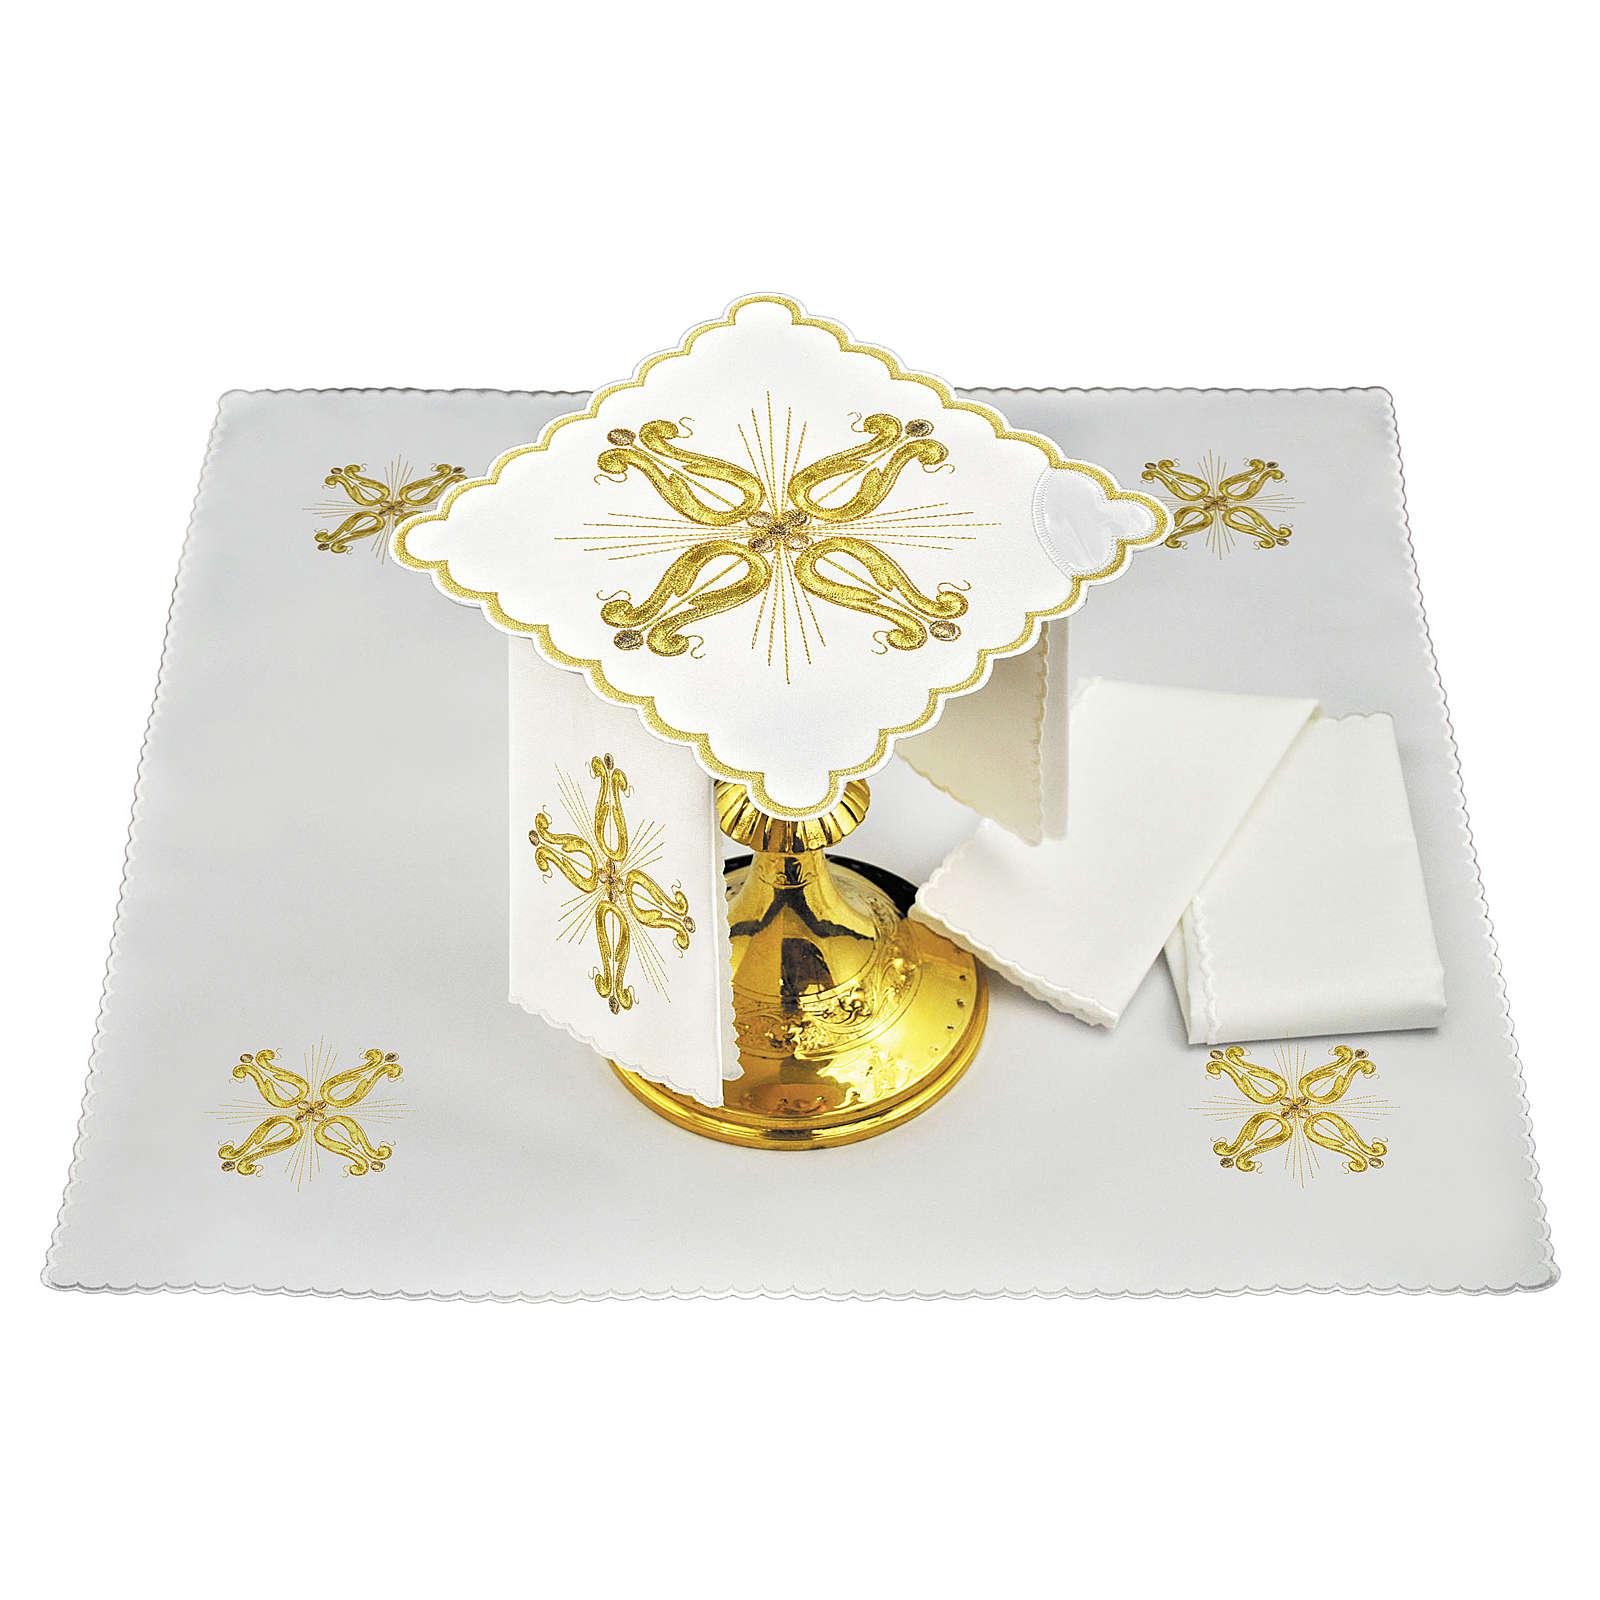 Servizio da altare cotone croce dorata barocca con fiore centrale 4